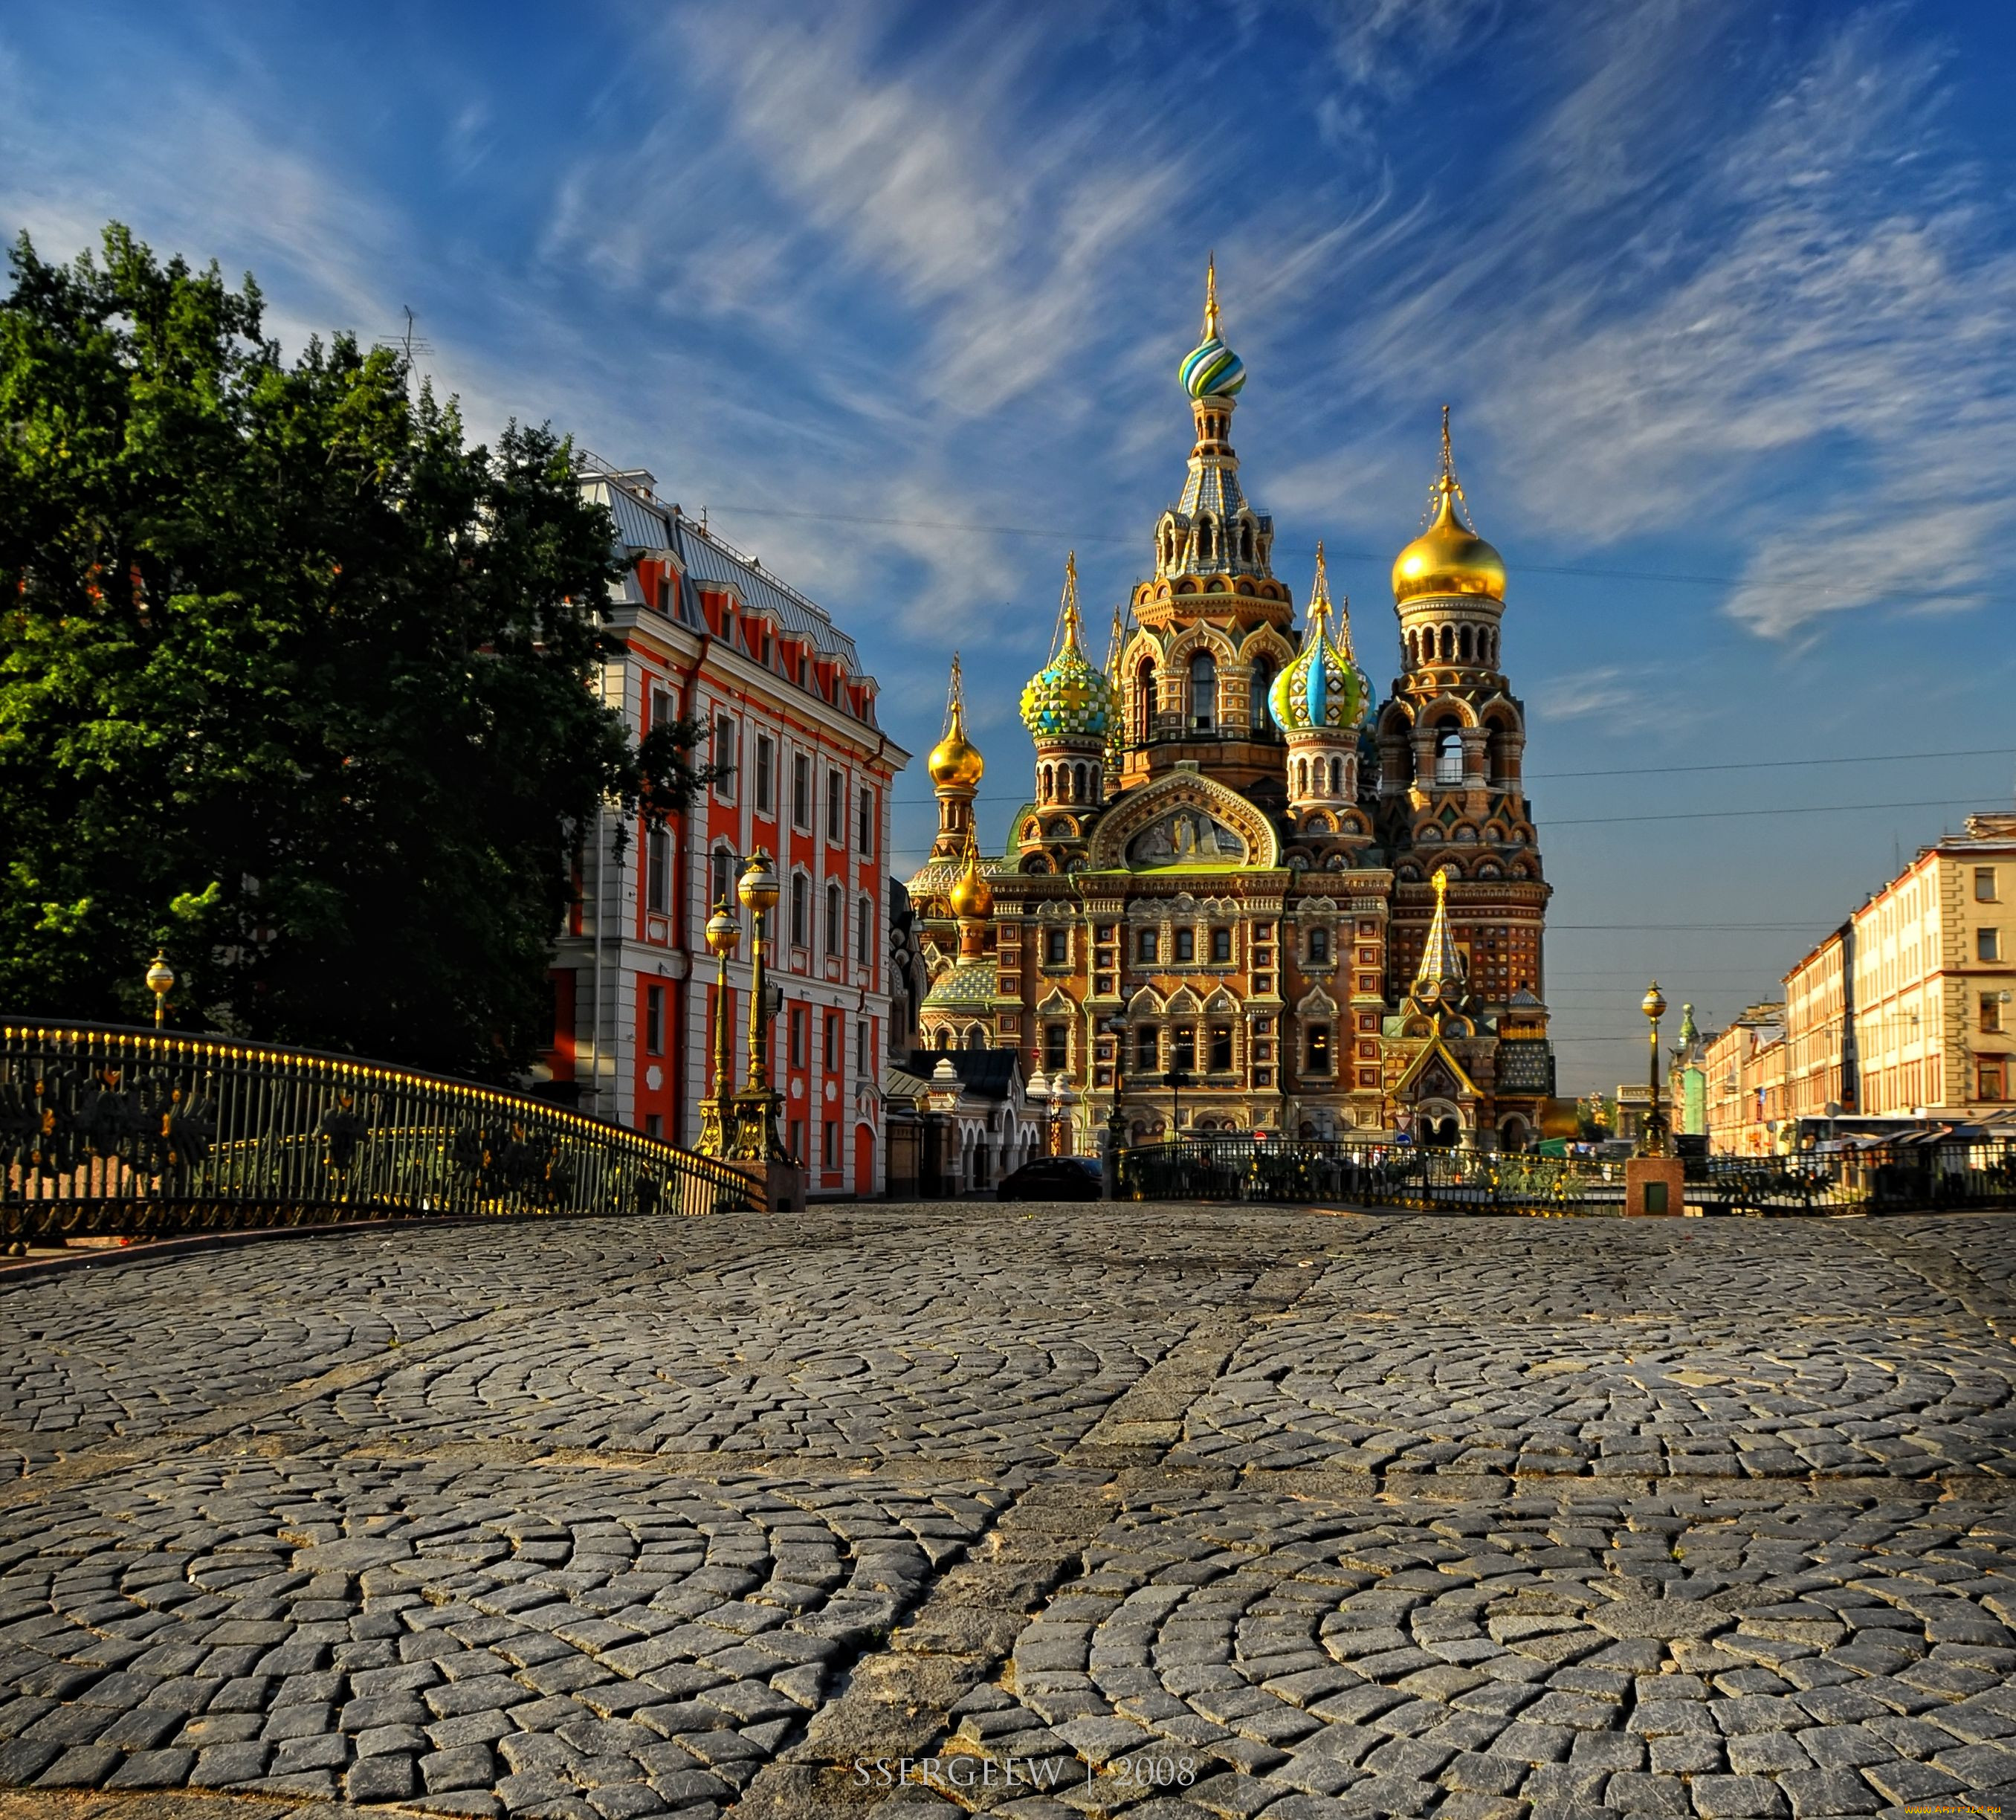 уже выяснили, красивые фотографии санкт петербурга только